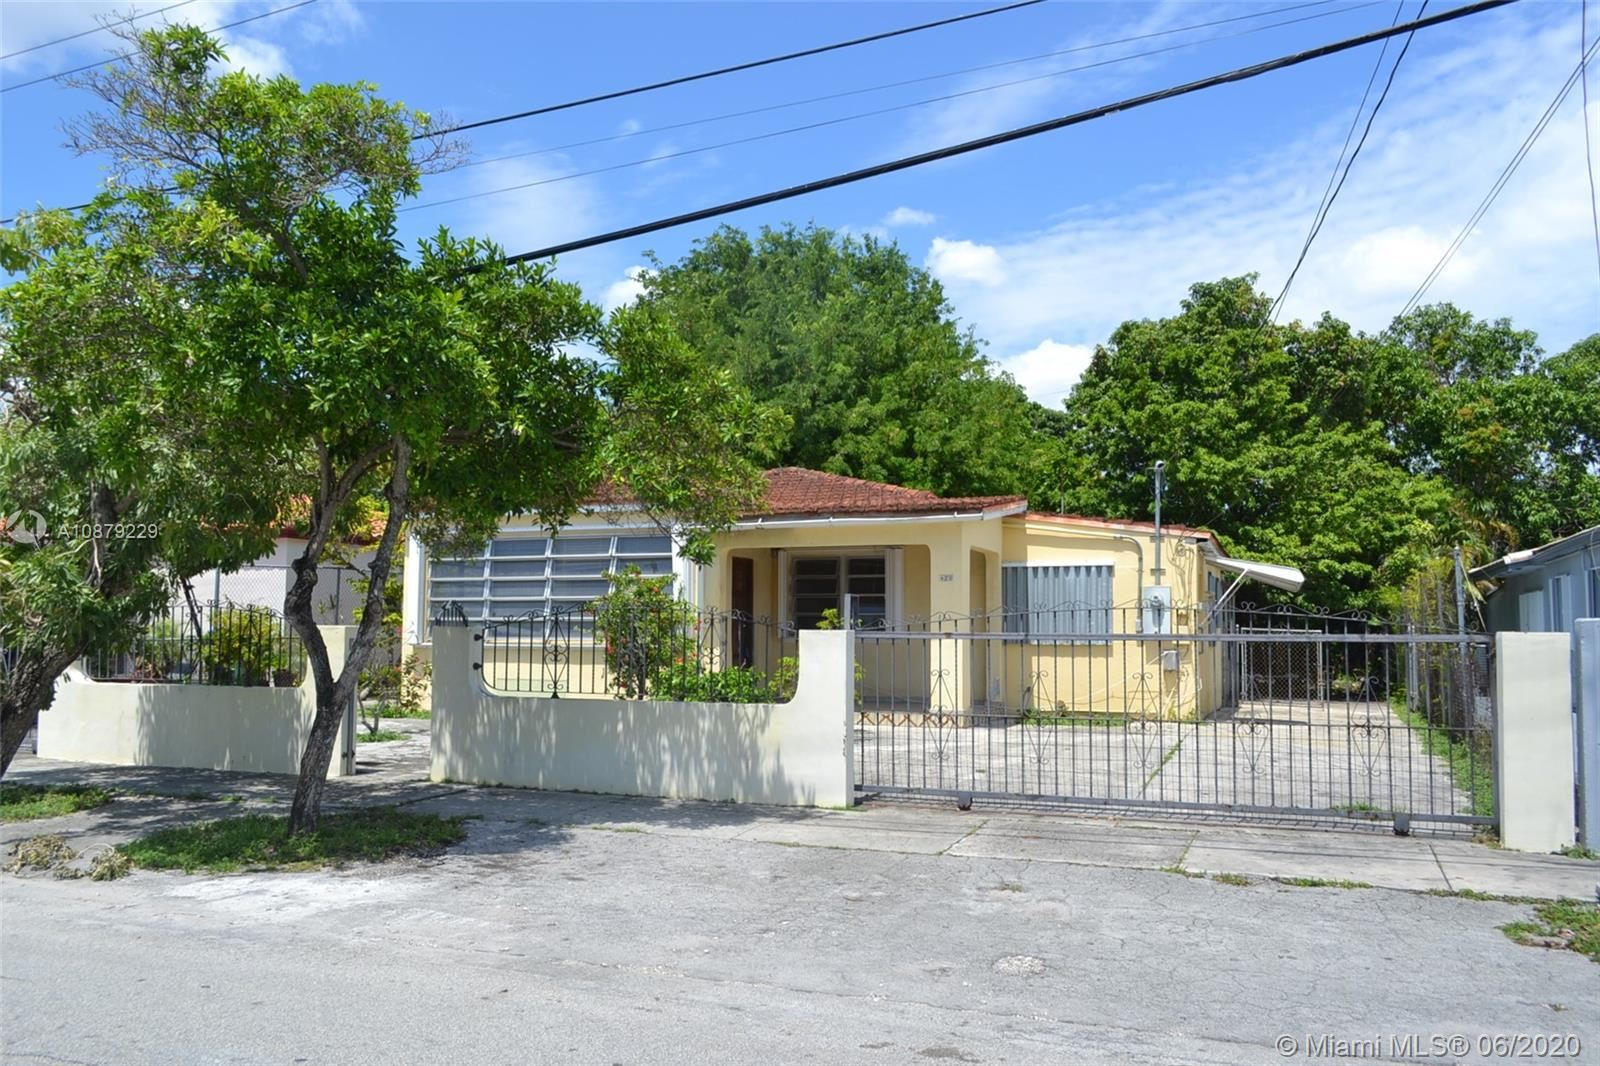 420 NW 44th Ave, Miami, FL 33126 - #: A10879229